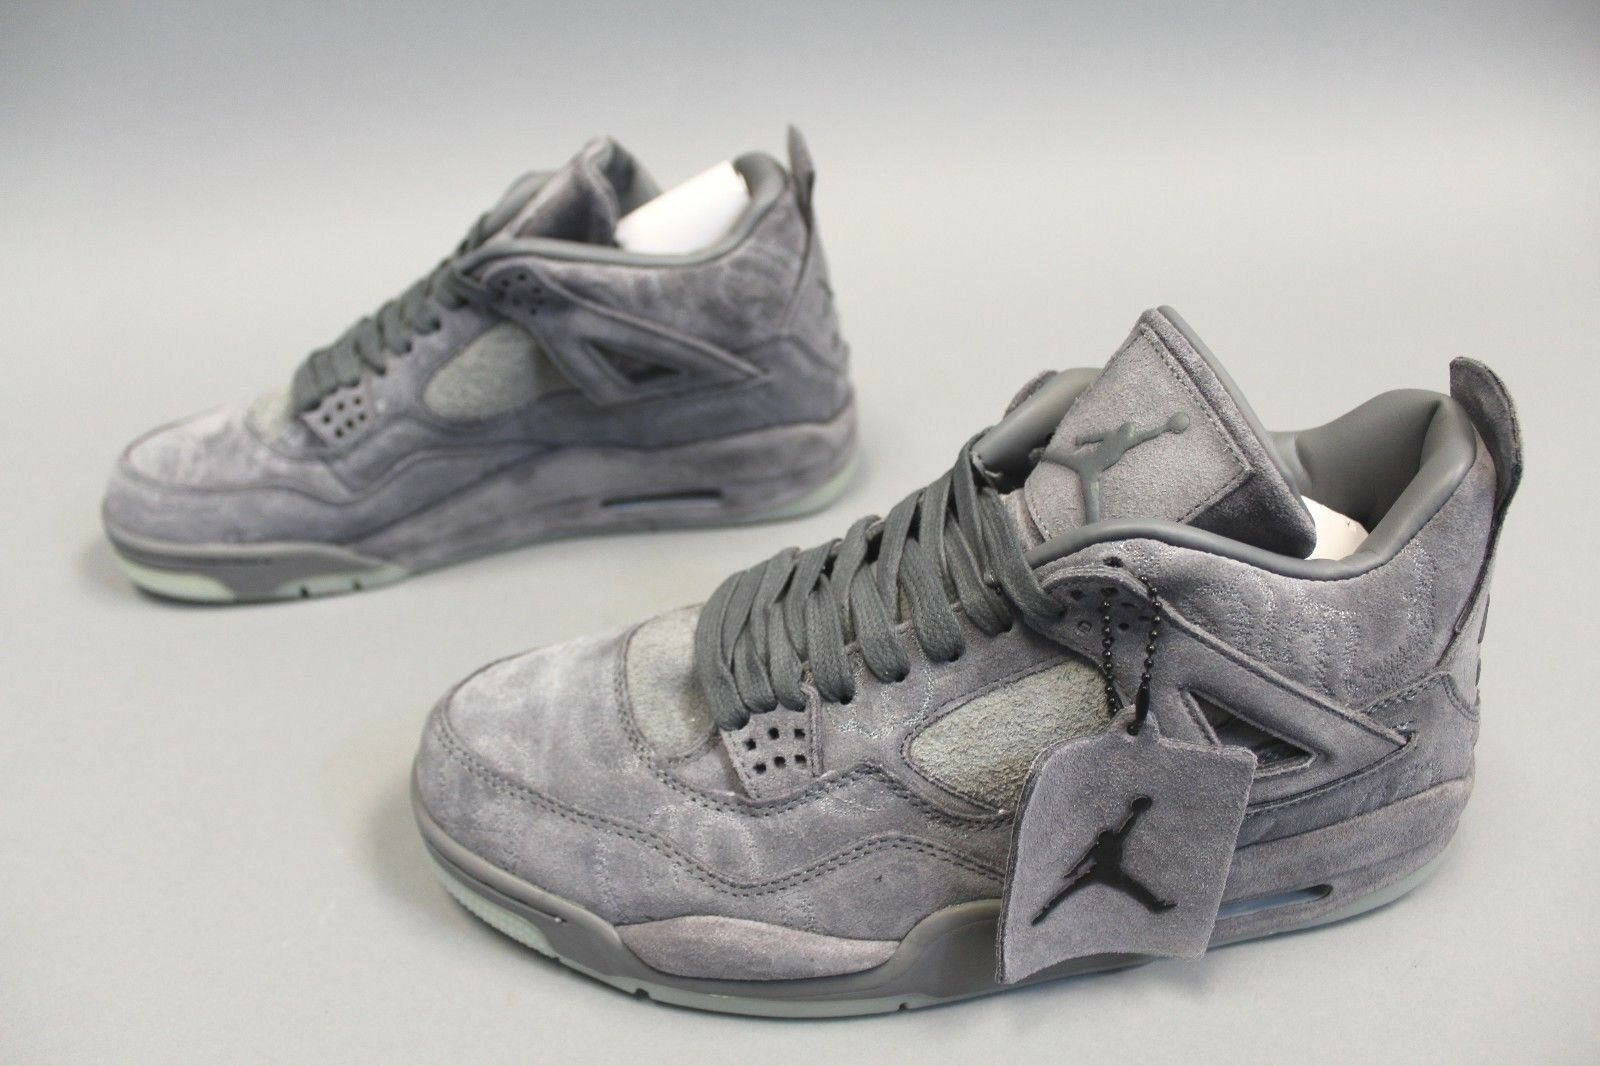 Air Jordan 4 Retro Kaws Basketball Shoes GG8 Cool Grey/White 930155-003 Size 12